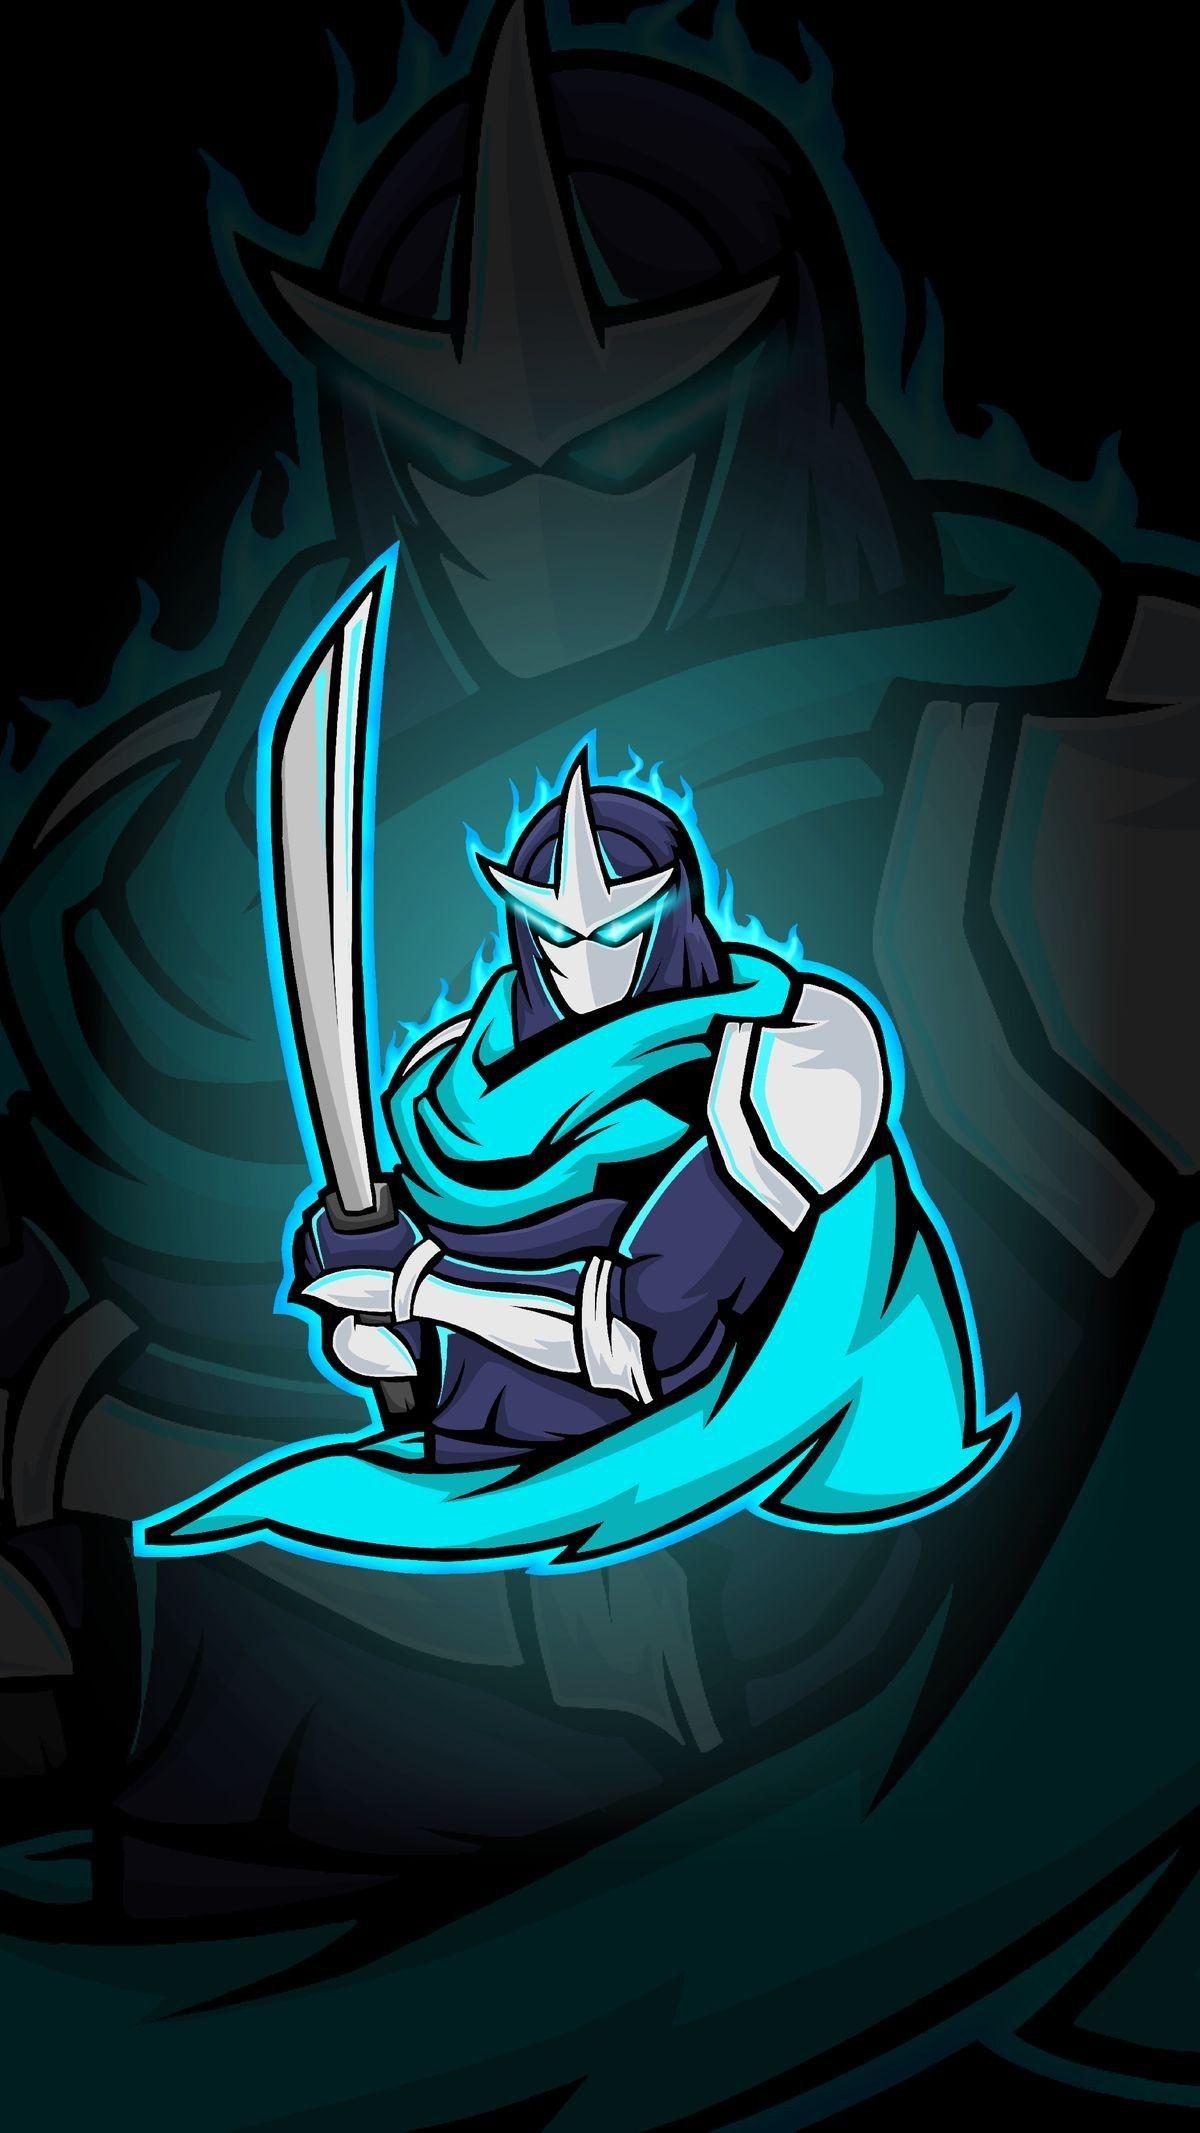 Pin oleh Mavi FALCON di Gaming Mascot Logo Gambar naga